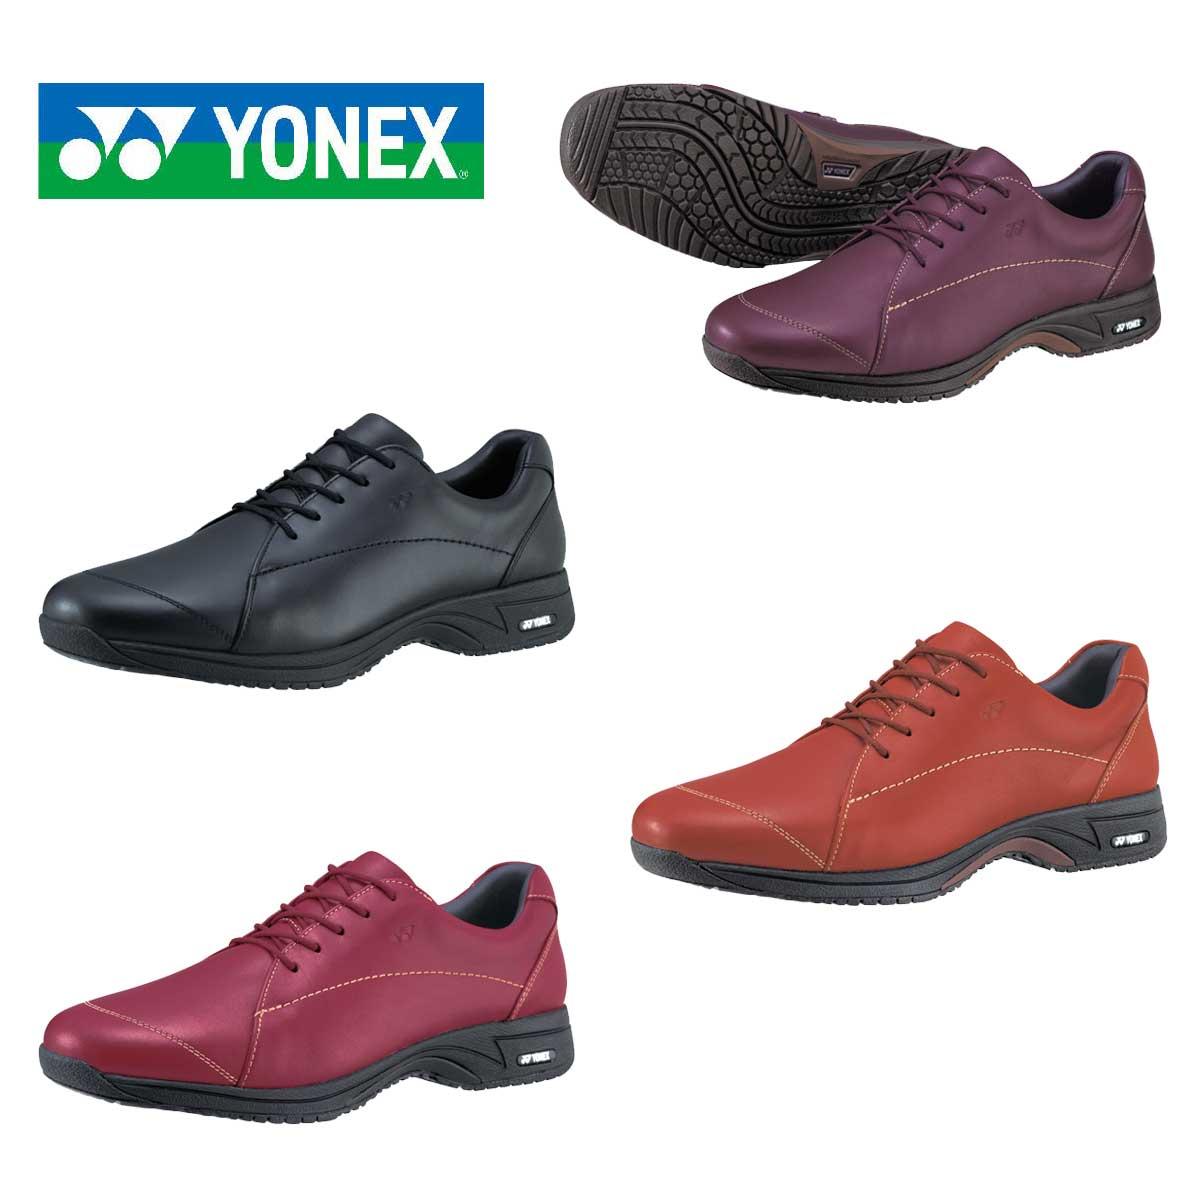 【YONEX】ヨネックス LC83 (レディース)軽い疲れにくいウォーキングシューズあしなり3Dのロングウォーク『靴』